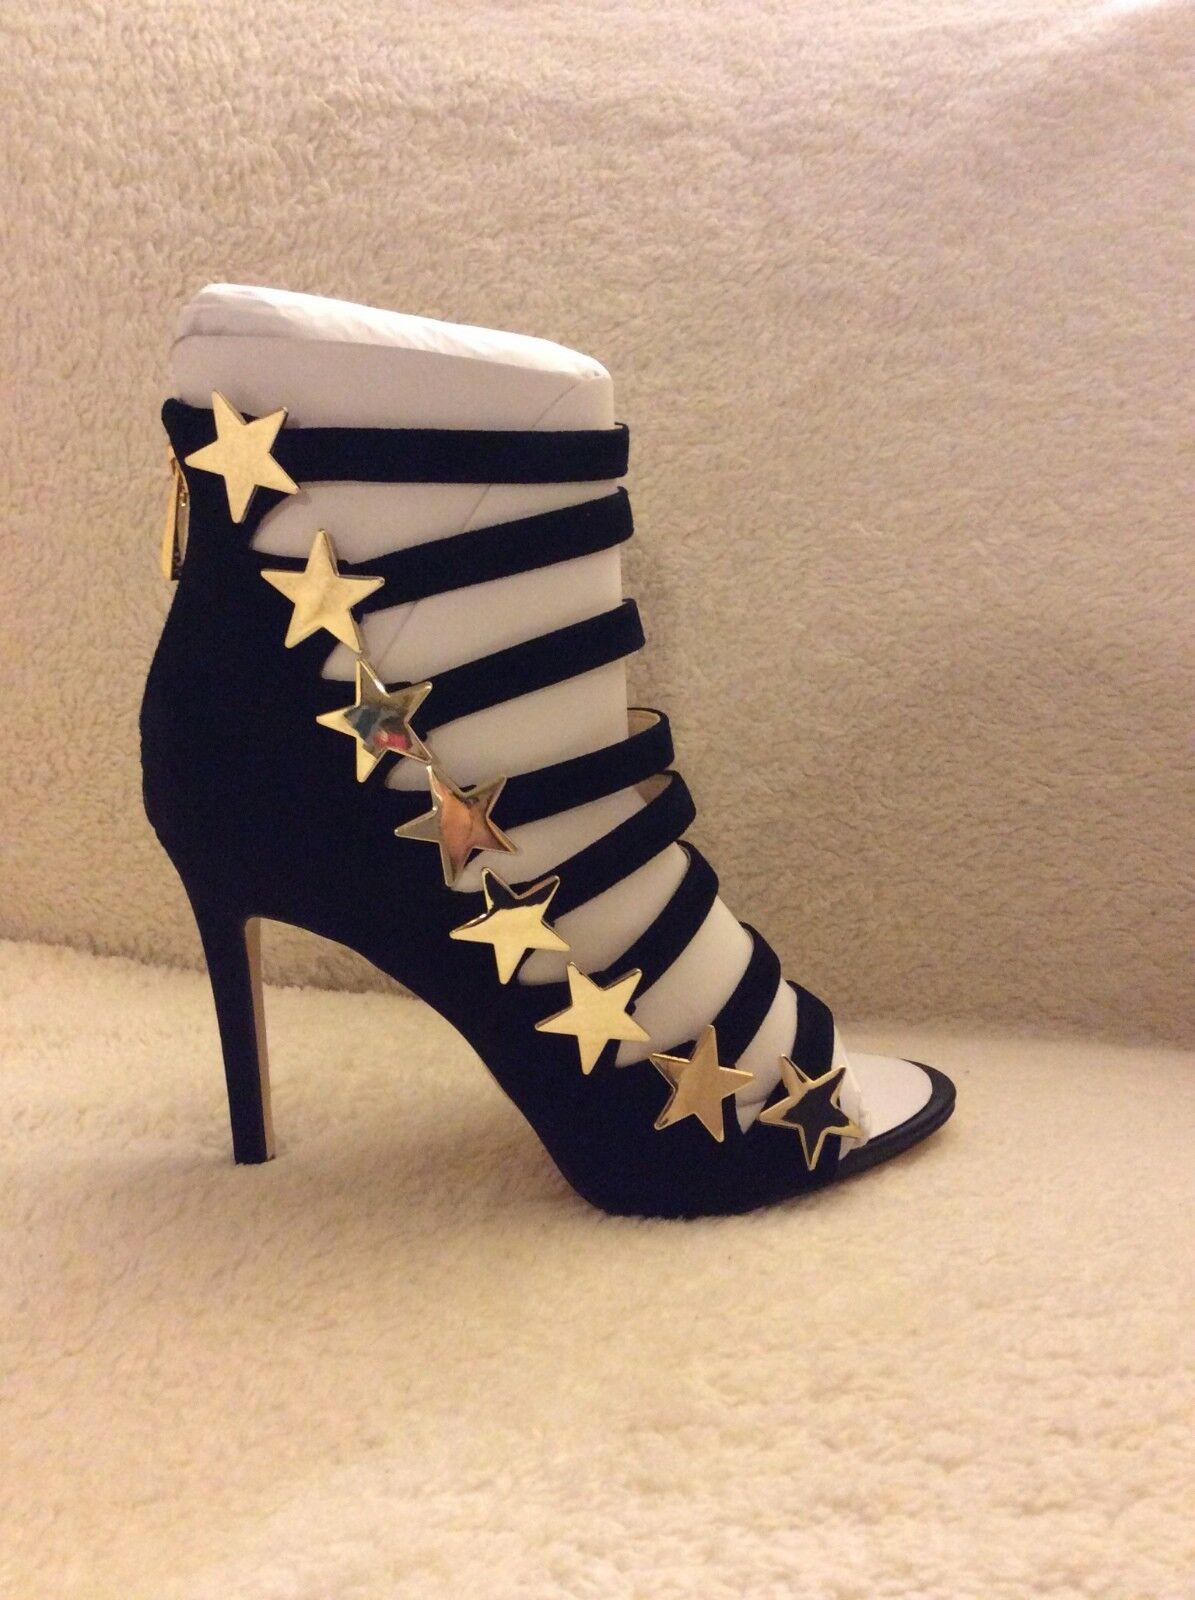 Katy Perry Stella Negro Negro Negro Gamuza oro Estrella Zapato De Mujer De Taco Alto Talla 8 M  Venta al por mayor barato y de alta calidad.